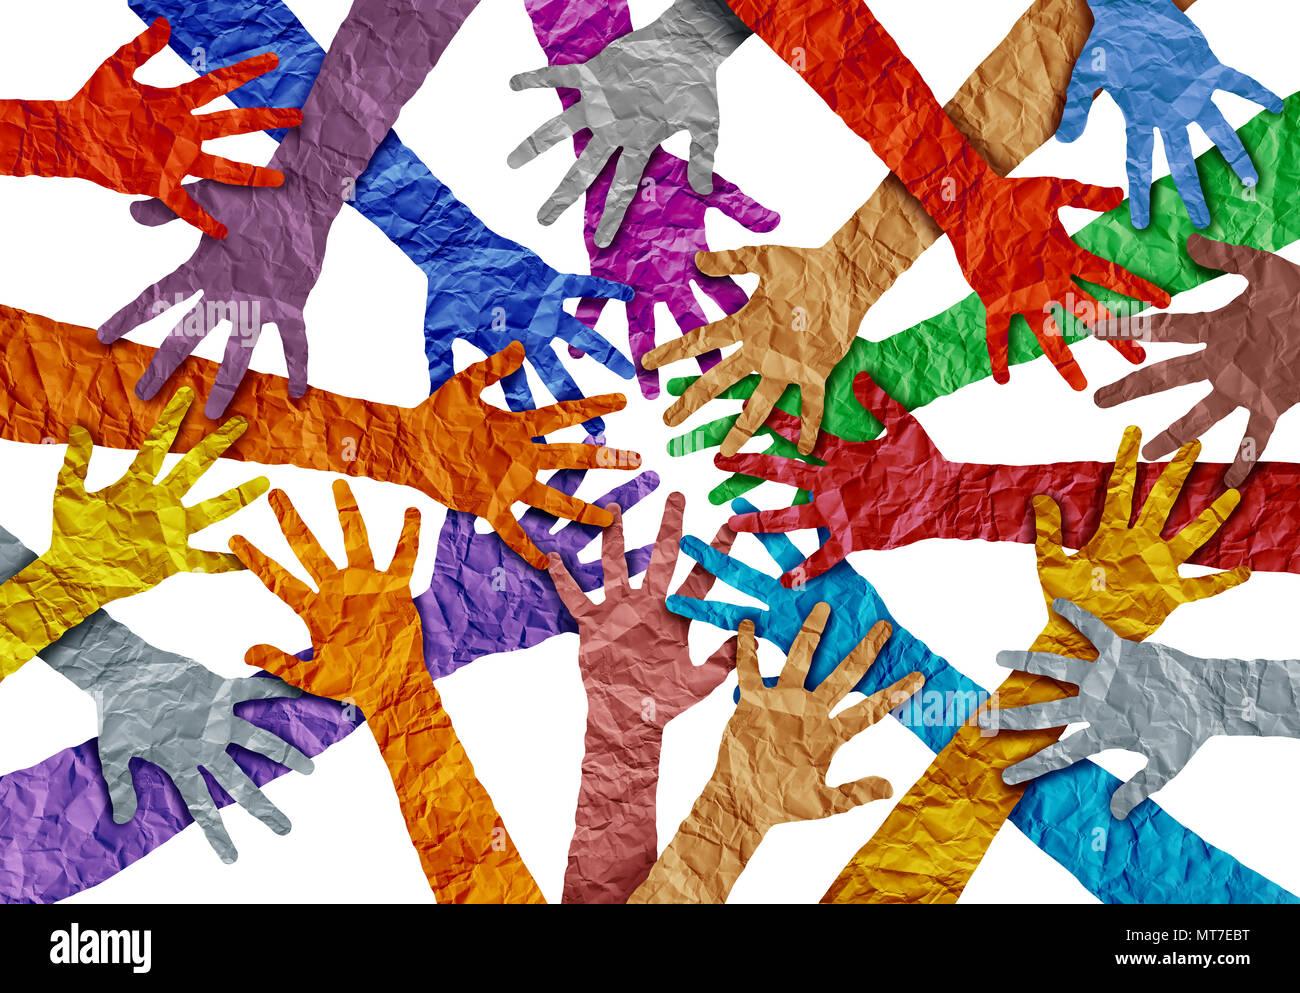 Concetto di diversità e la folla simbolo di cooperazione come diverse mani tenendo insieme in un 3D illustrazione dello stile. Immagini Stock